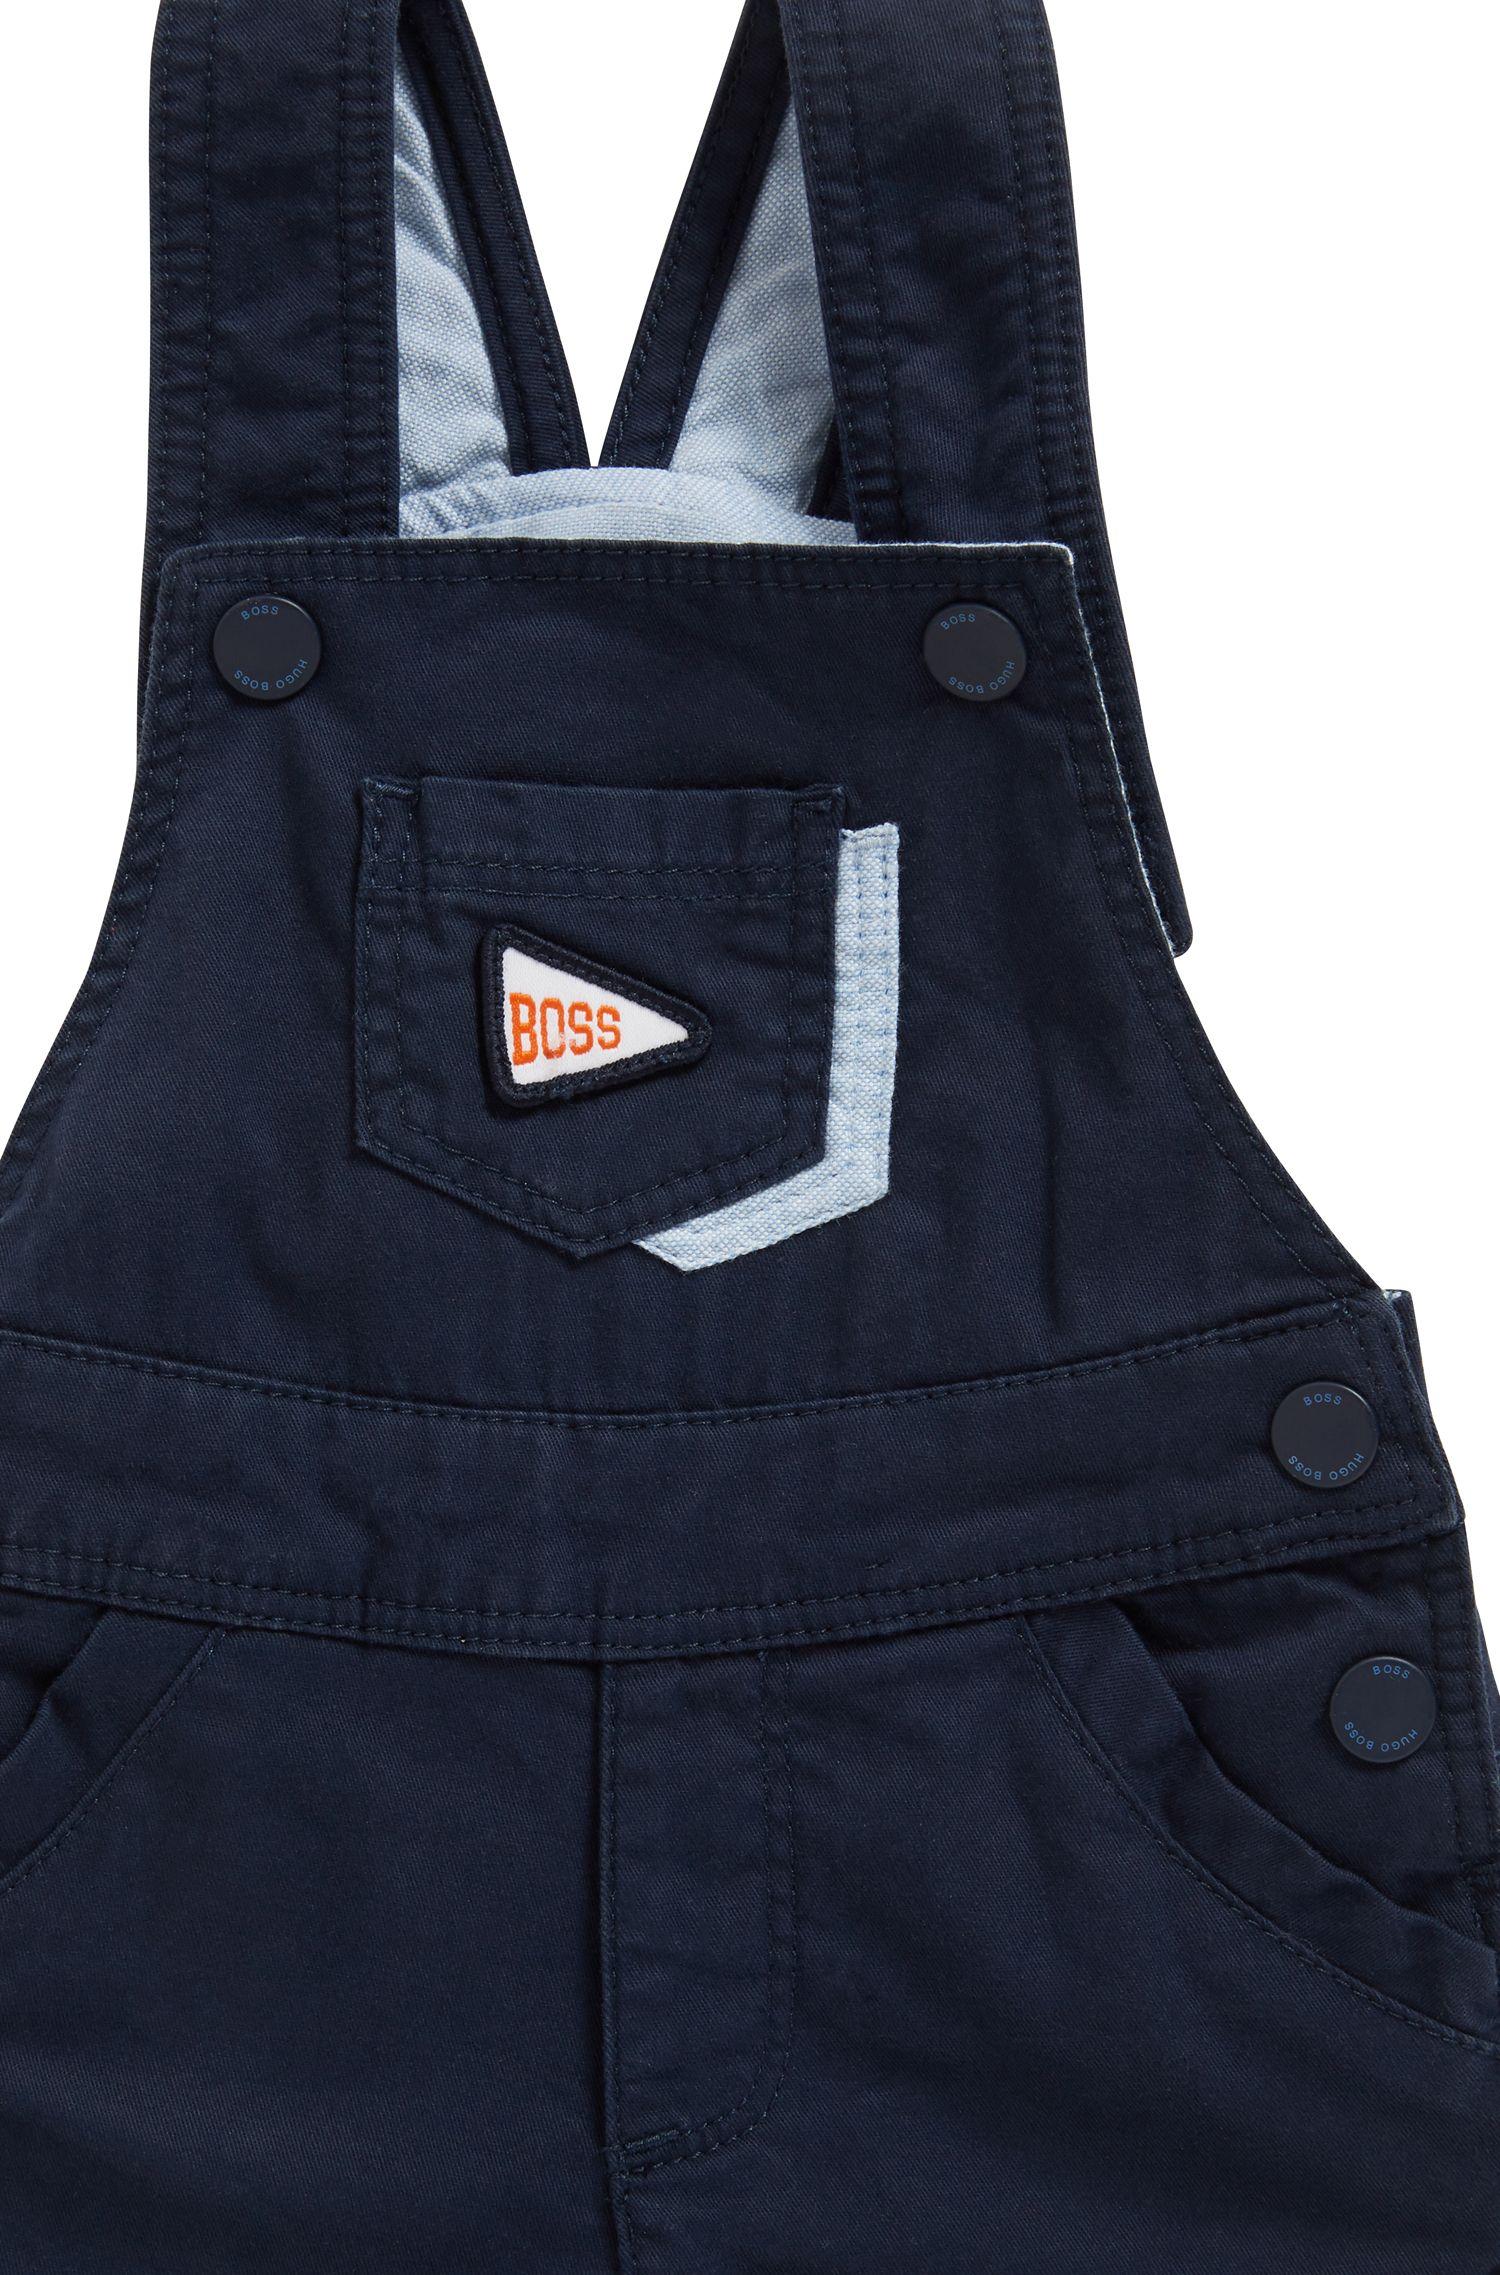 Salopette pour bébé en coton stretch, avec finitions logo, Bleu foncé